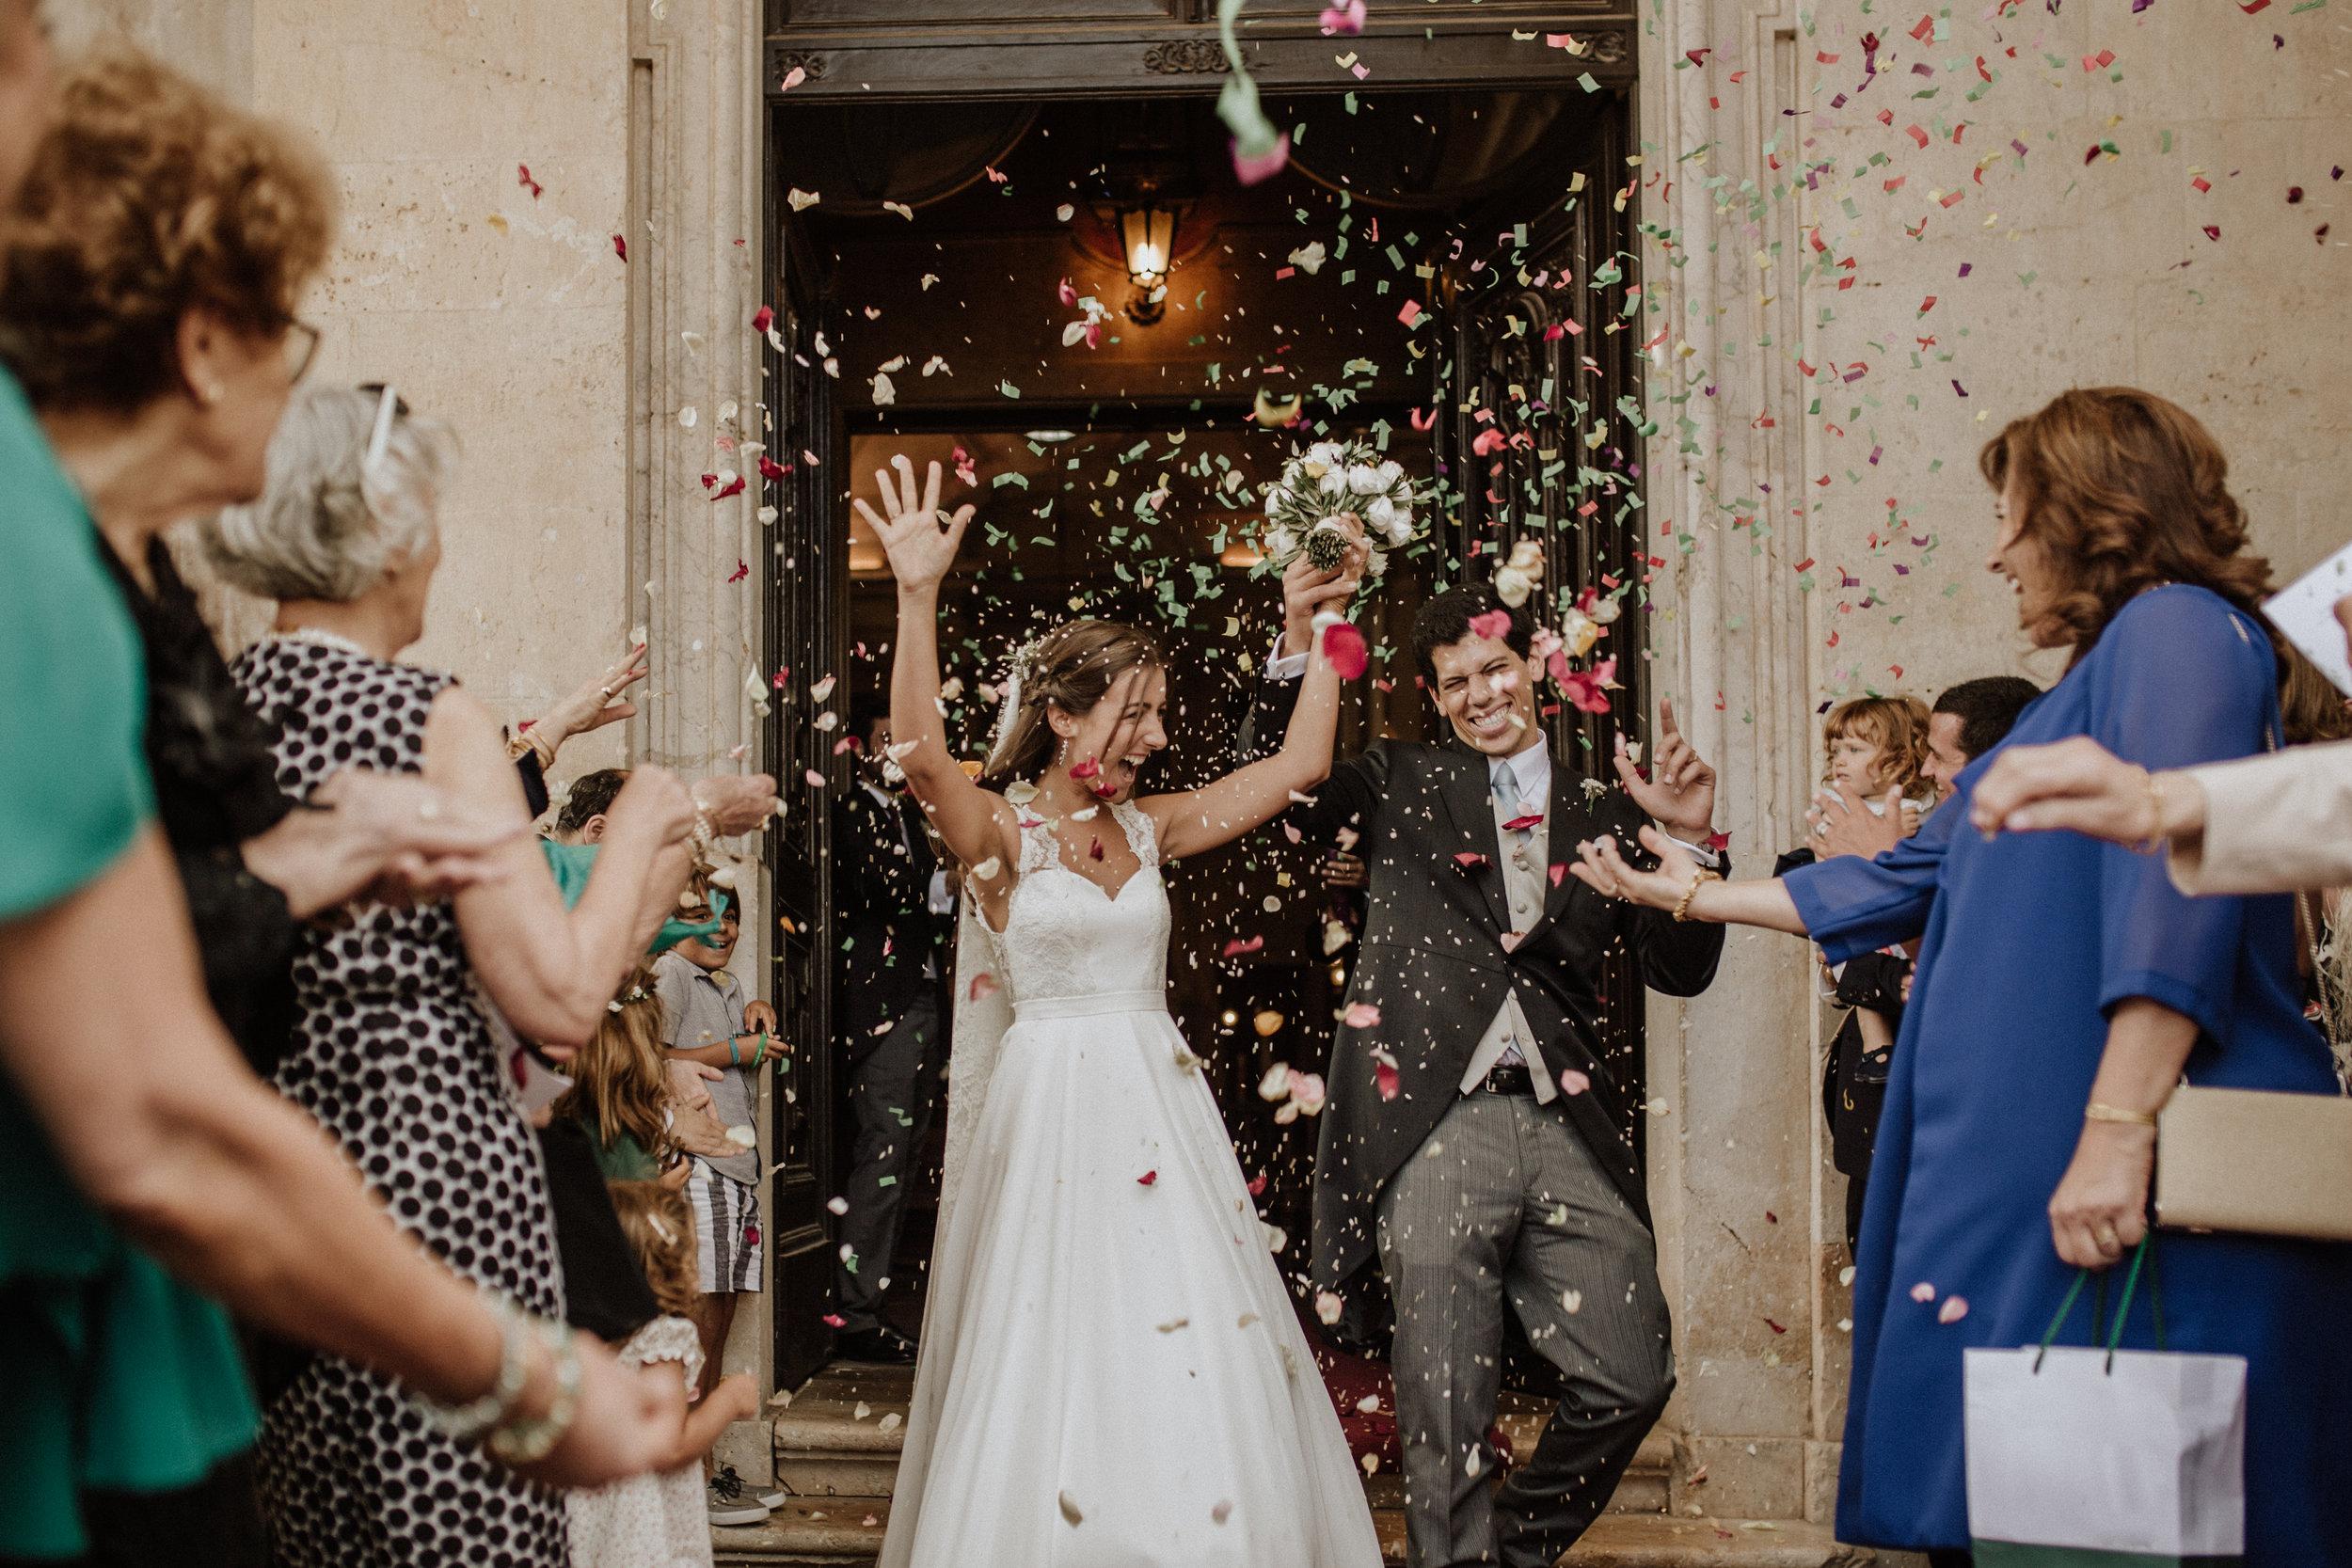 I&J_443_ 14_julho_2018 WEDDING DAY.jpg